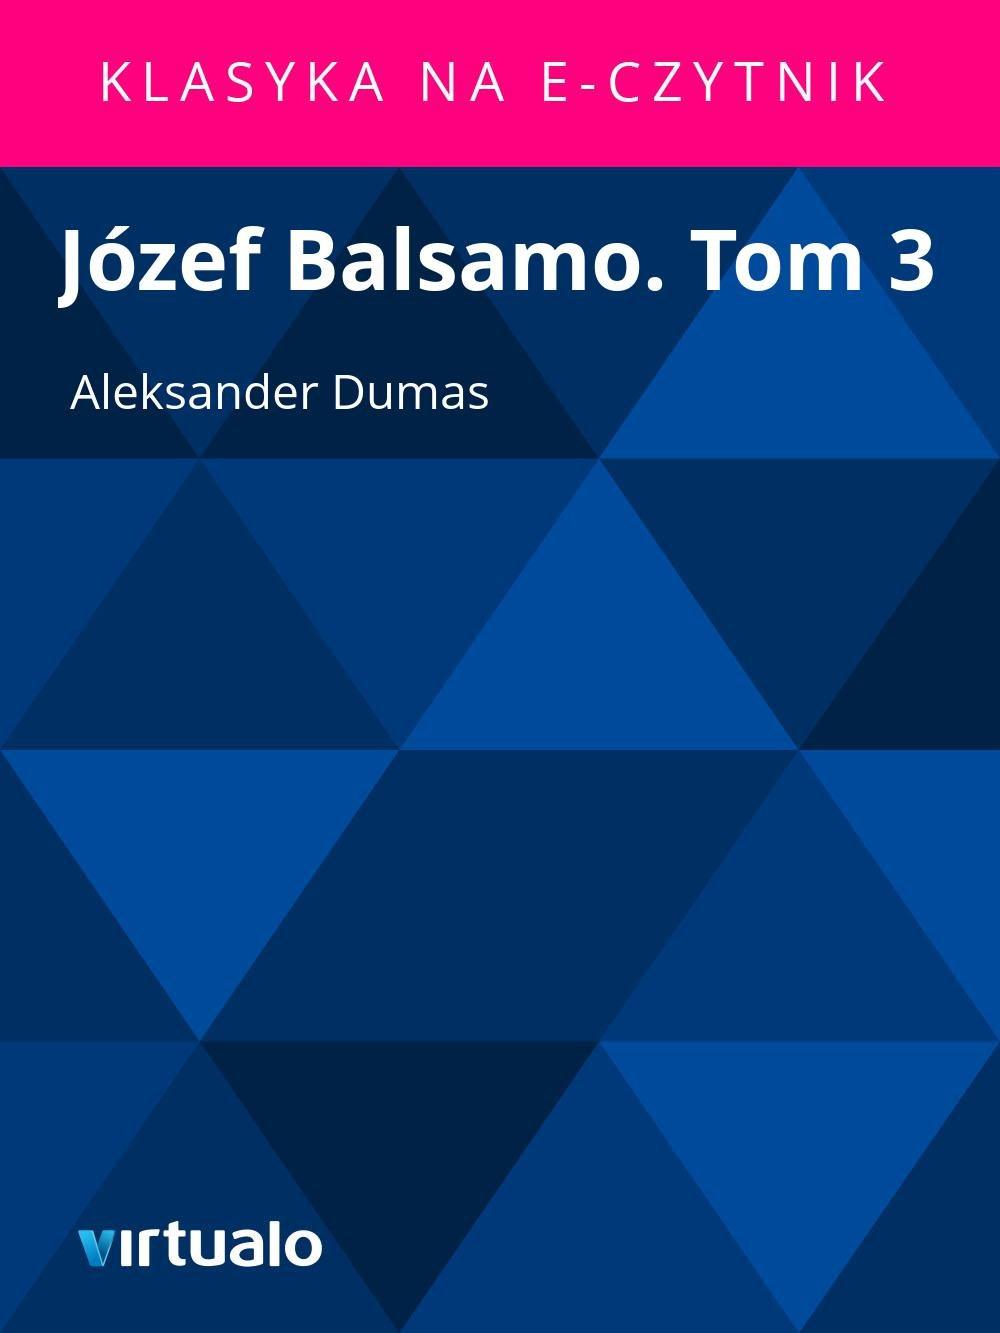 Józef Balsamo. Tom 3 - Ebook (Książka EPUB) do pobrania w formacie EPUB